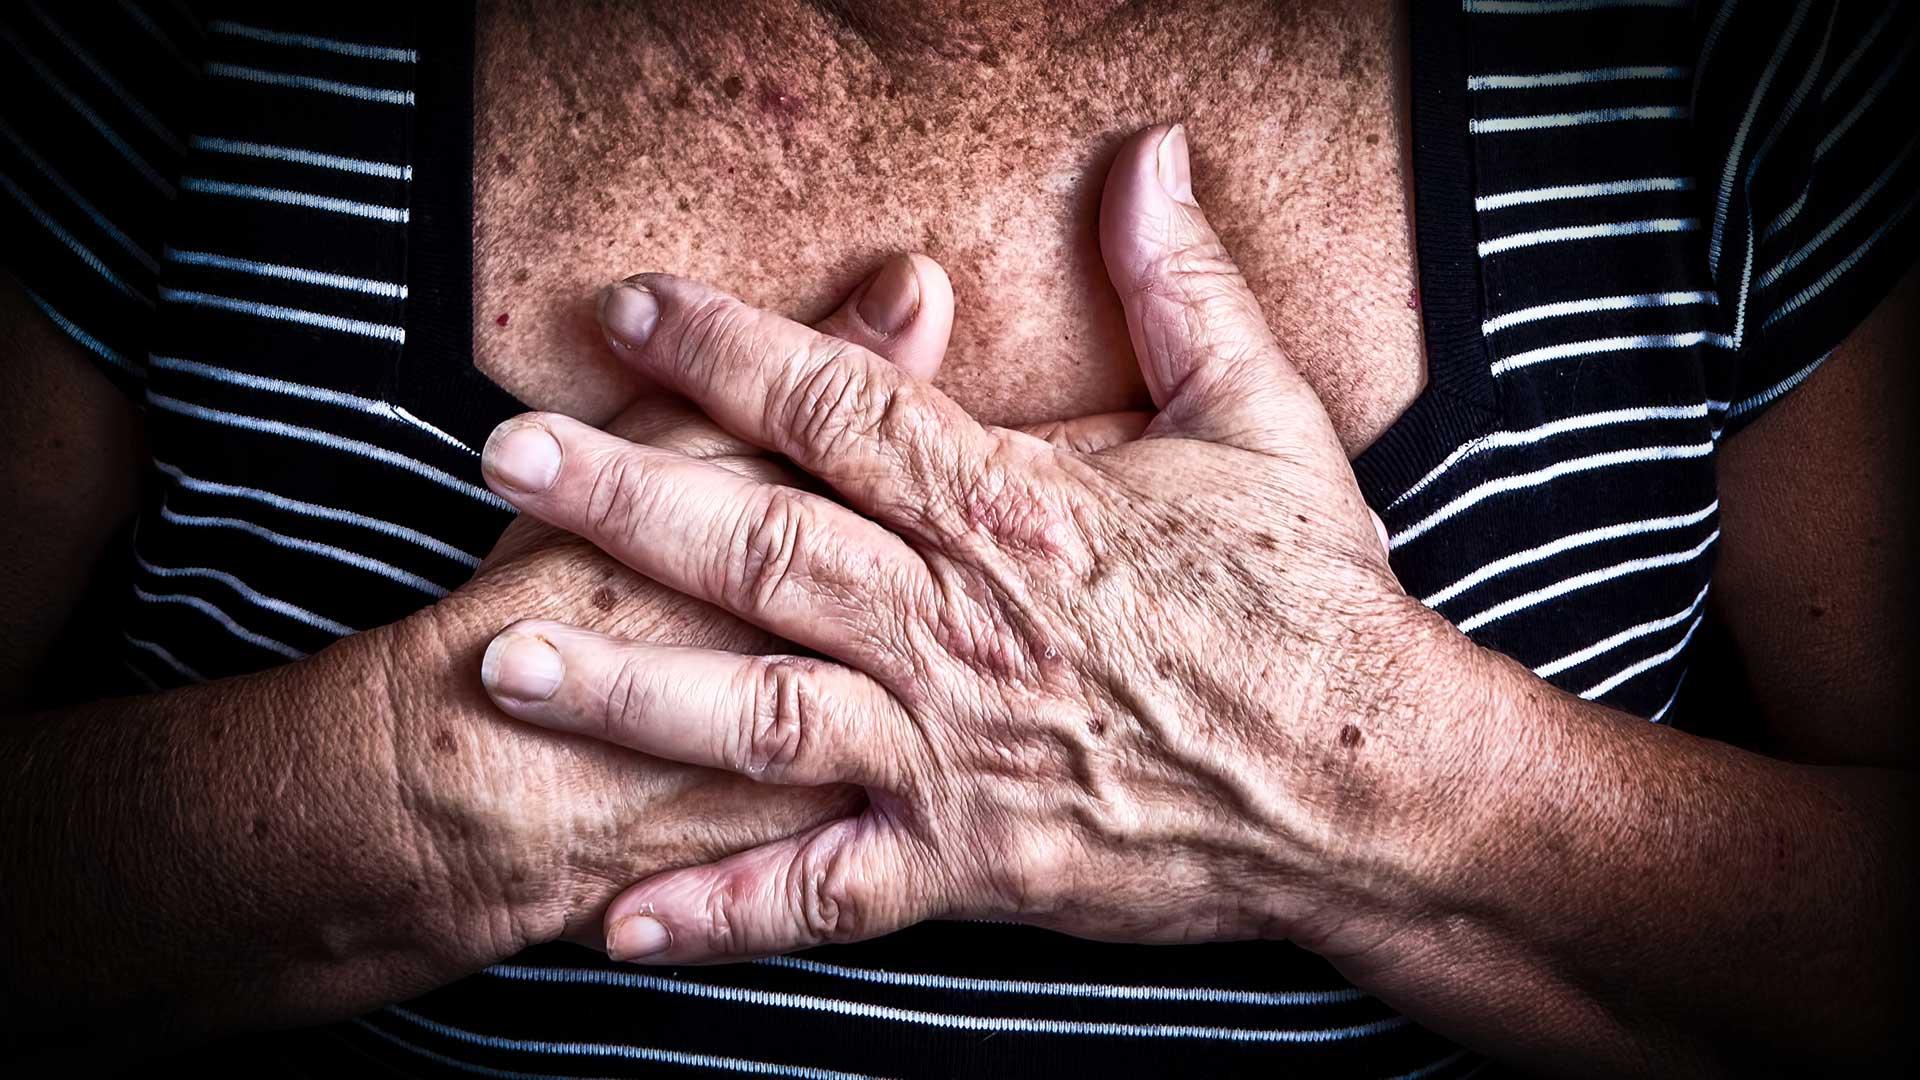 tette blodårer til hjertet symptomer